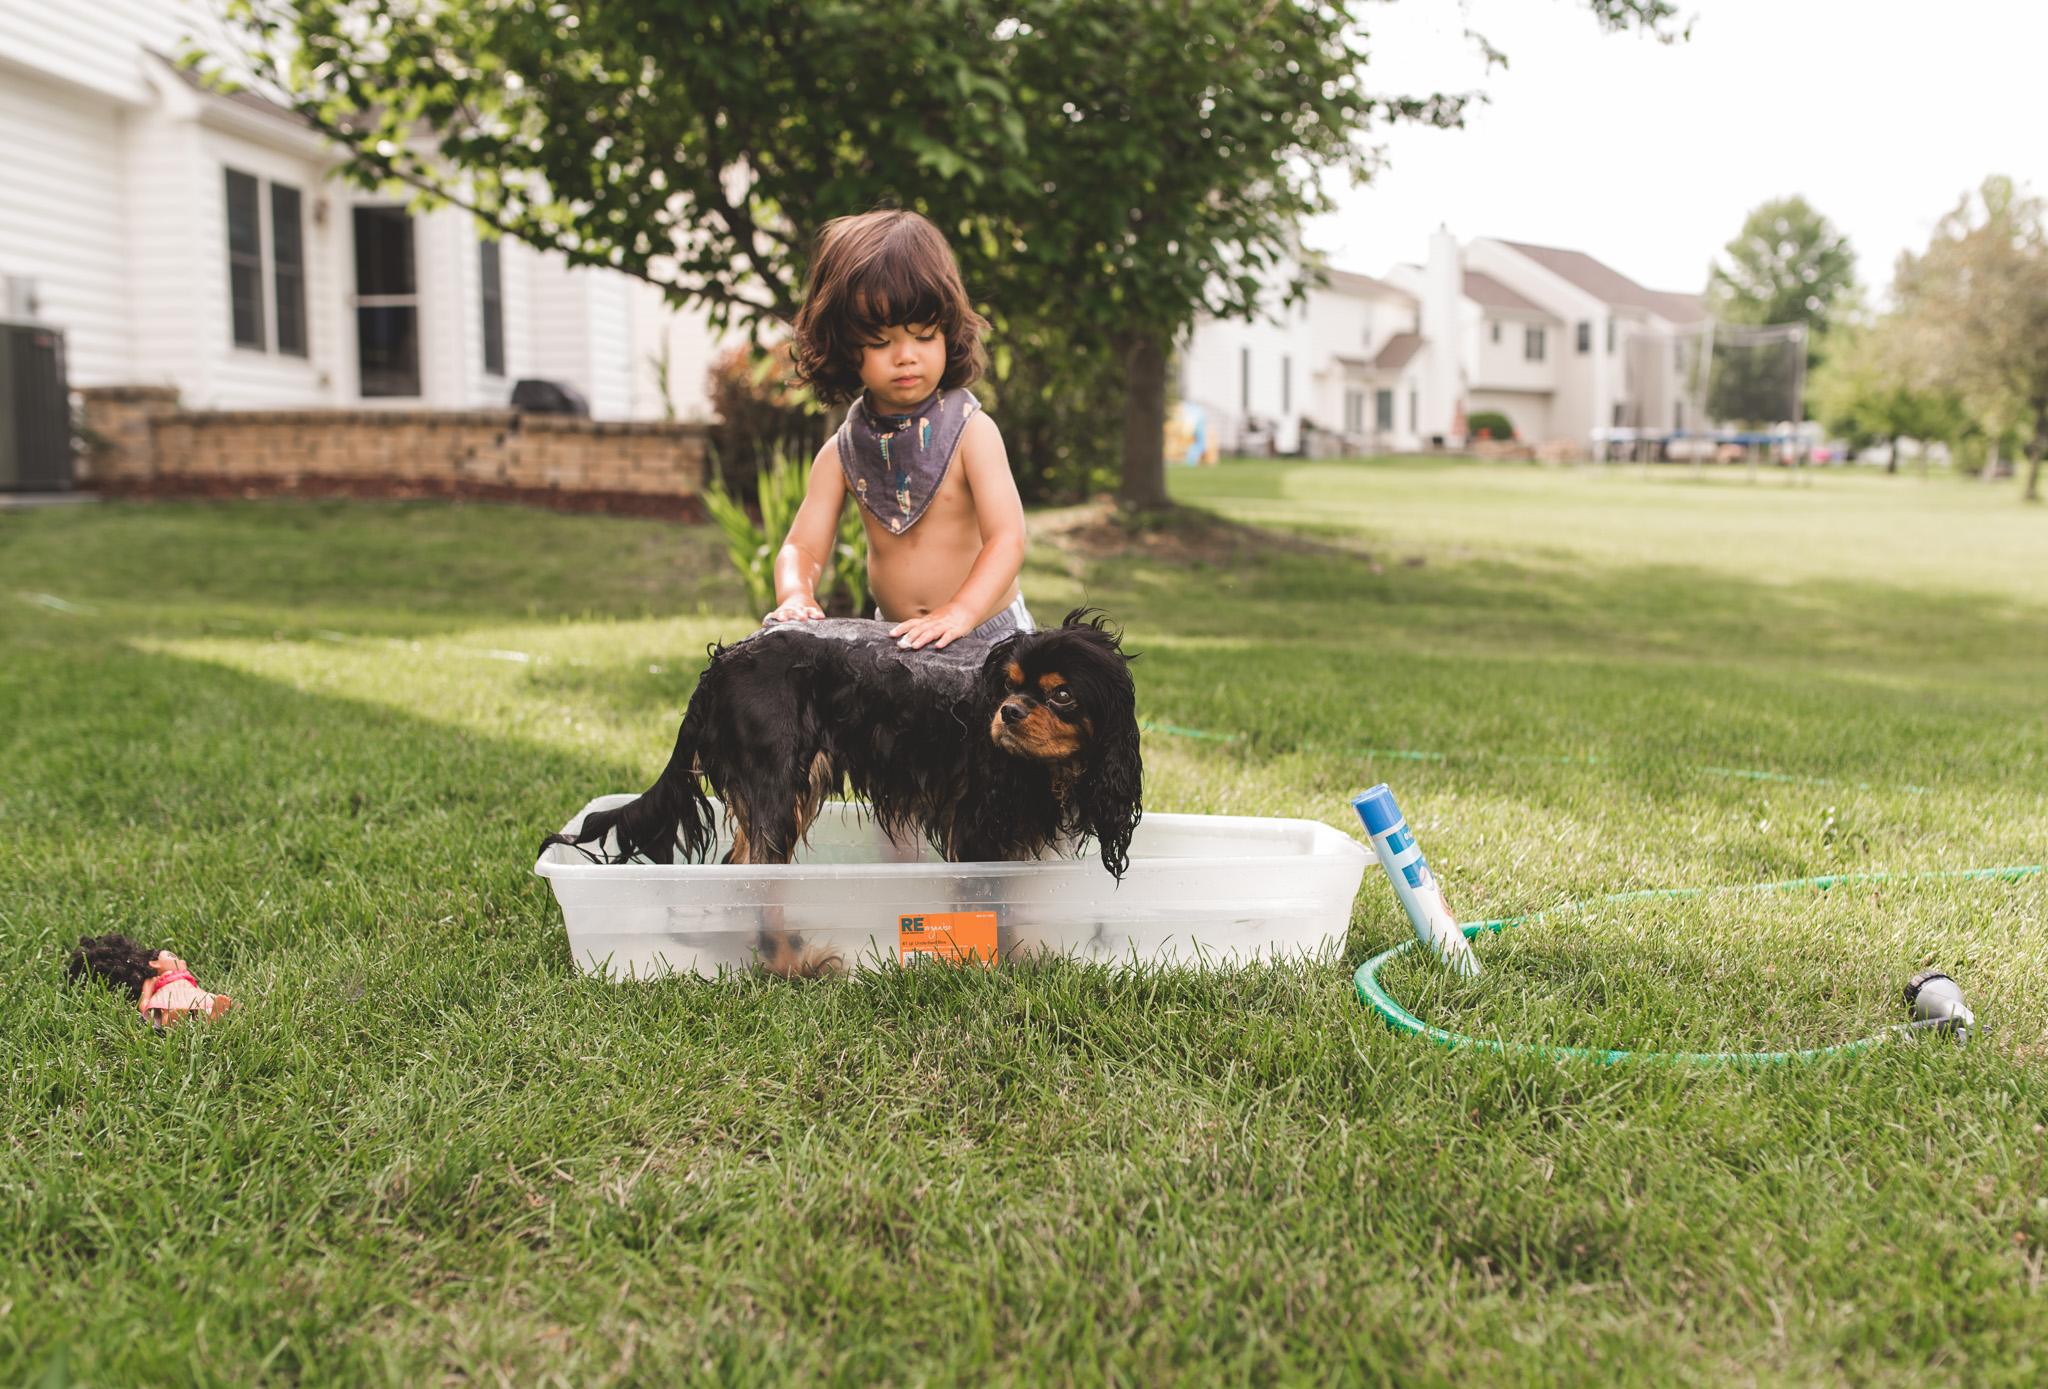 Lifestyle-Photographer-Columbus-Ohio-Erika-Venci-Photography